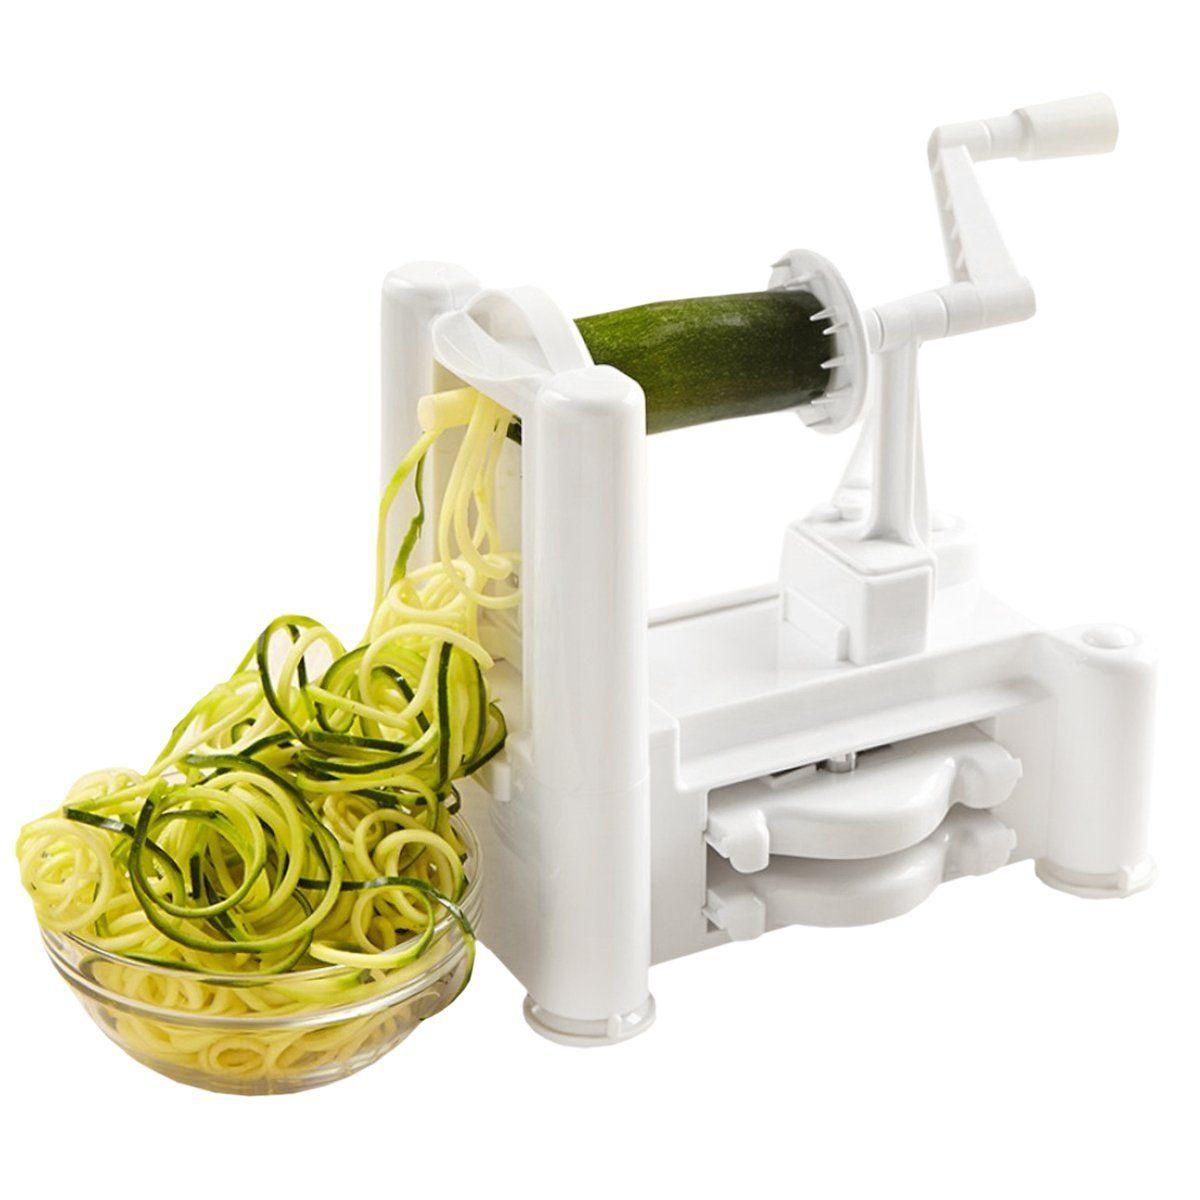 Amazon.com: Kinzi Tri-Blade Vegetable and Fruit Spiral Slicer Chopper, Veggie Pasta Spaghetti Maker: Home & Kitchen